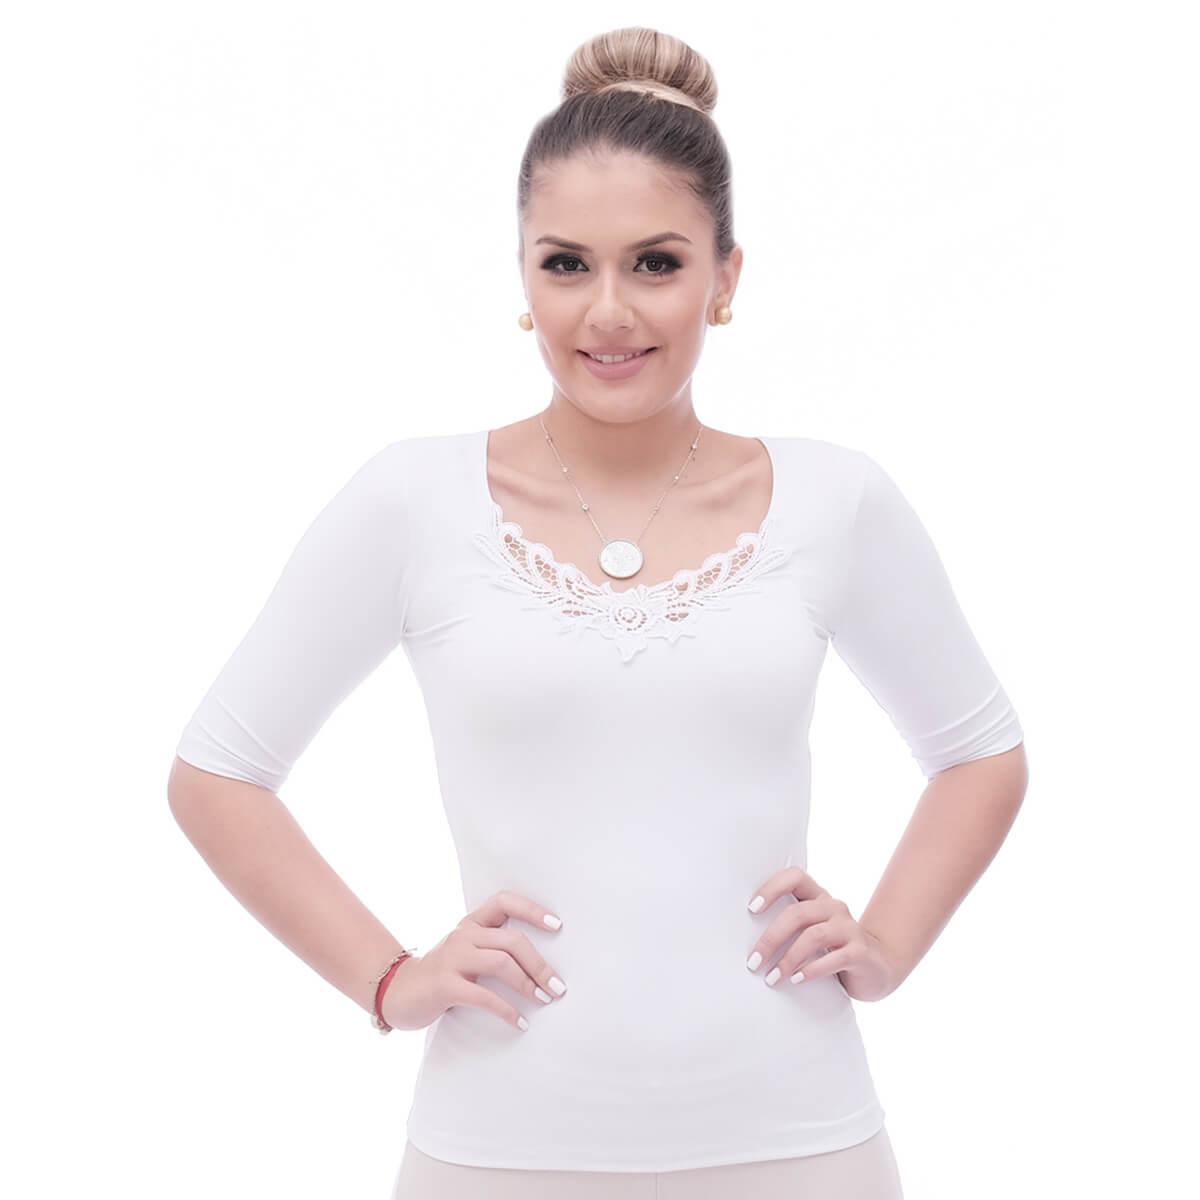 Blusa Feminina Manga Curta Branca Decote Redondo com Renda Guipir Branca